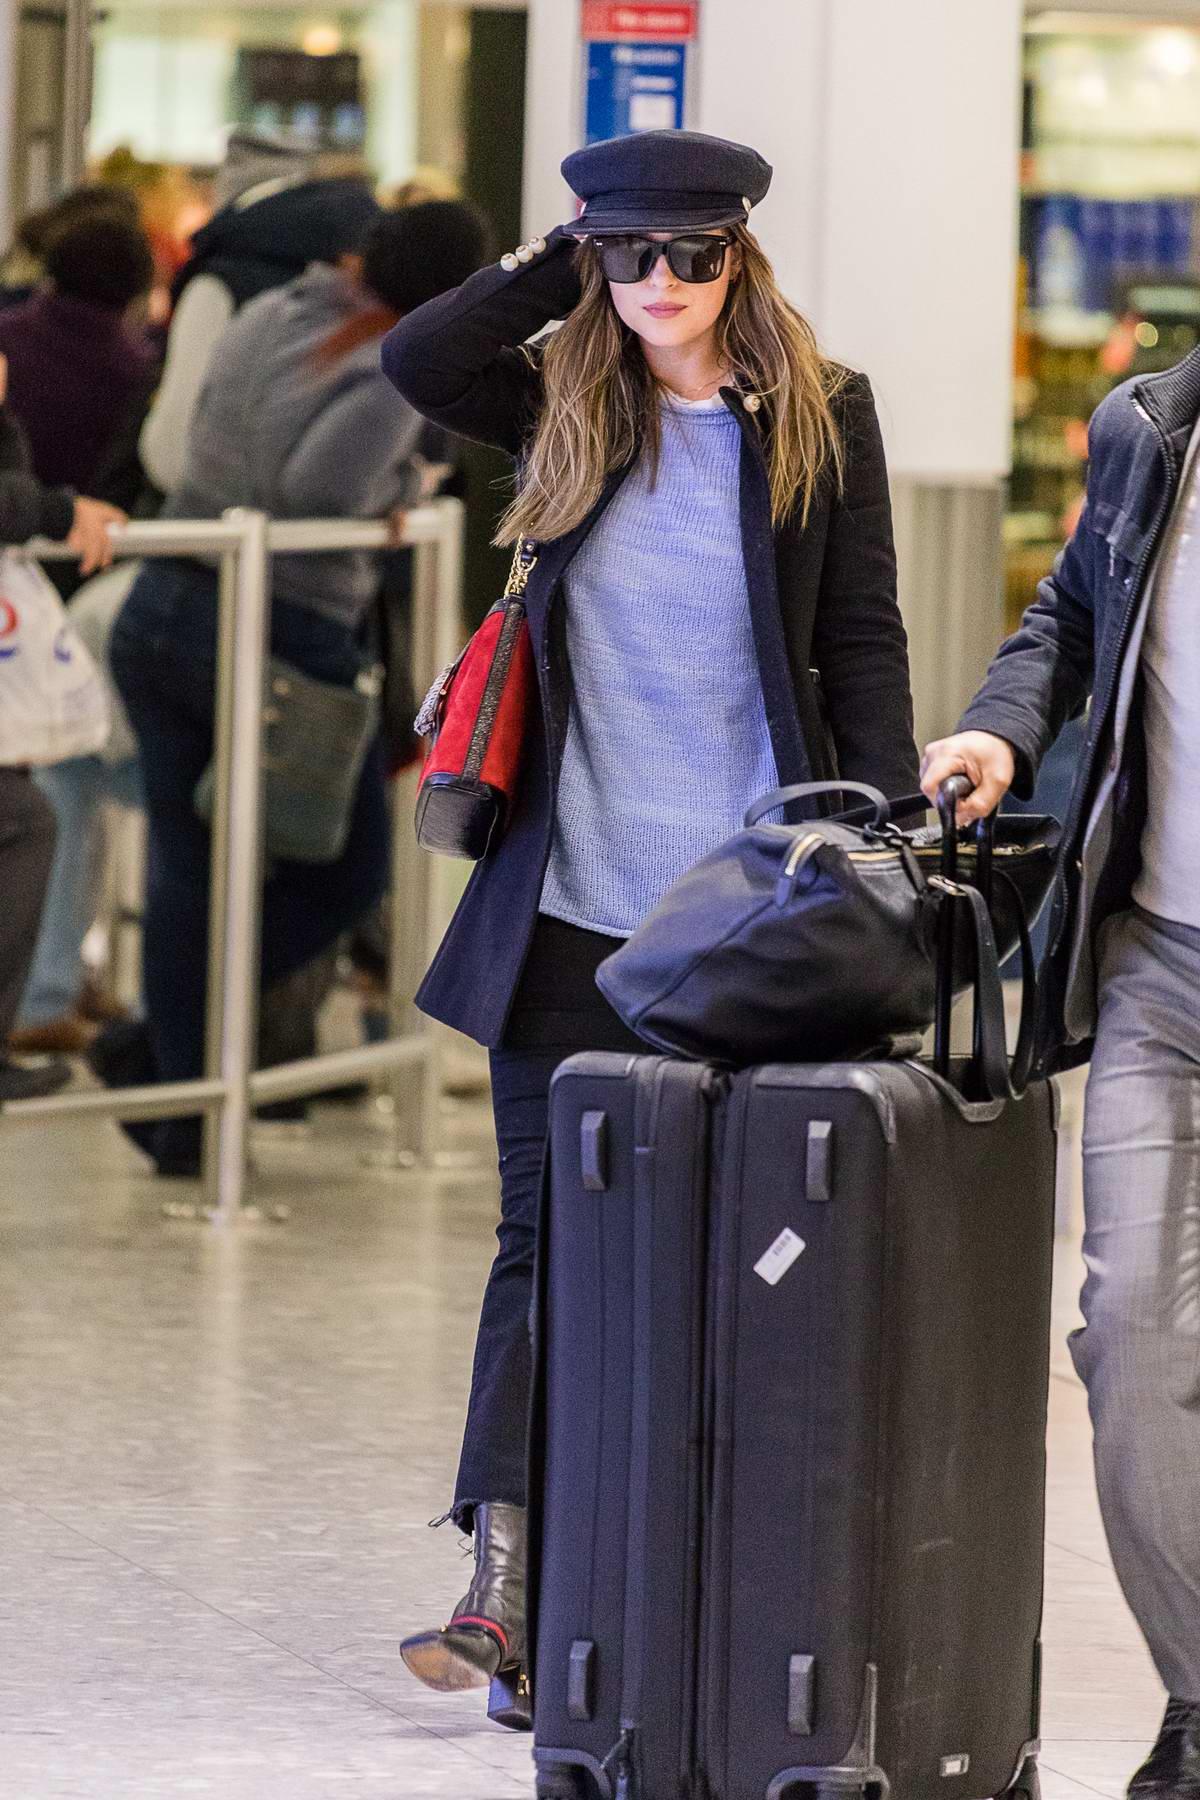 Dakota Johnson arrives at Heathrow airport in London